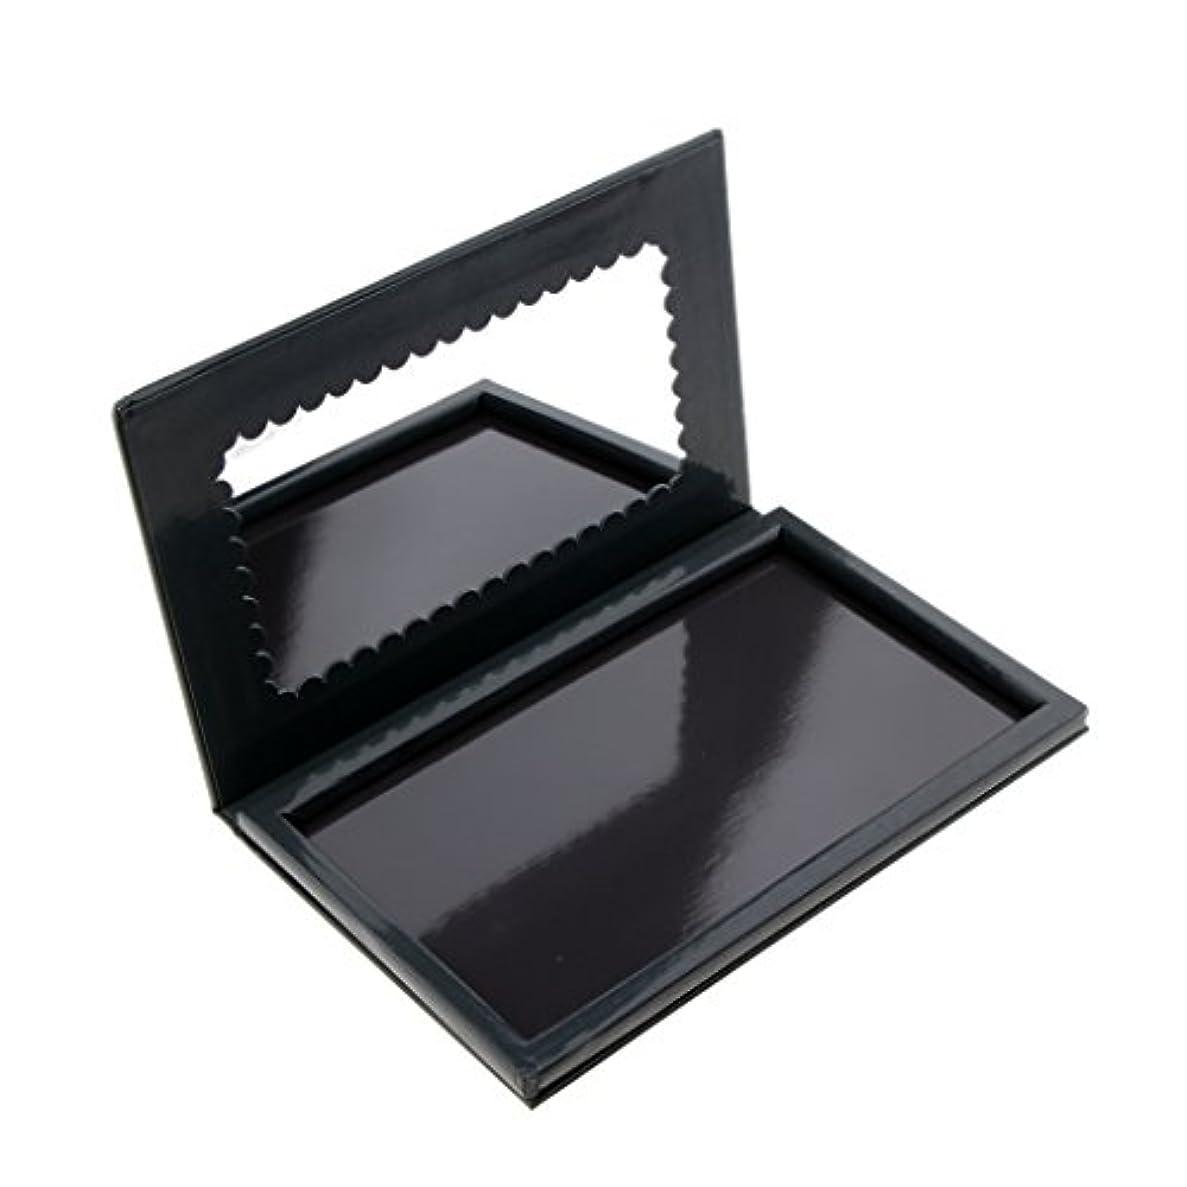 説明的カテナ写真メイクアップパレット 磁気パレット コスメ 詰替え DIY 収納 ボックス メイクアップ